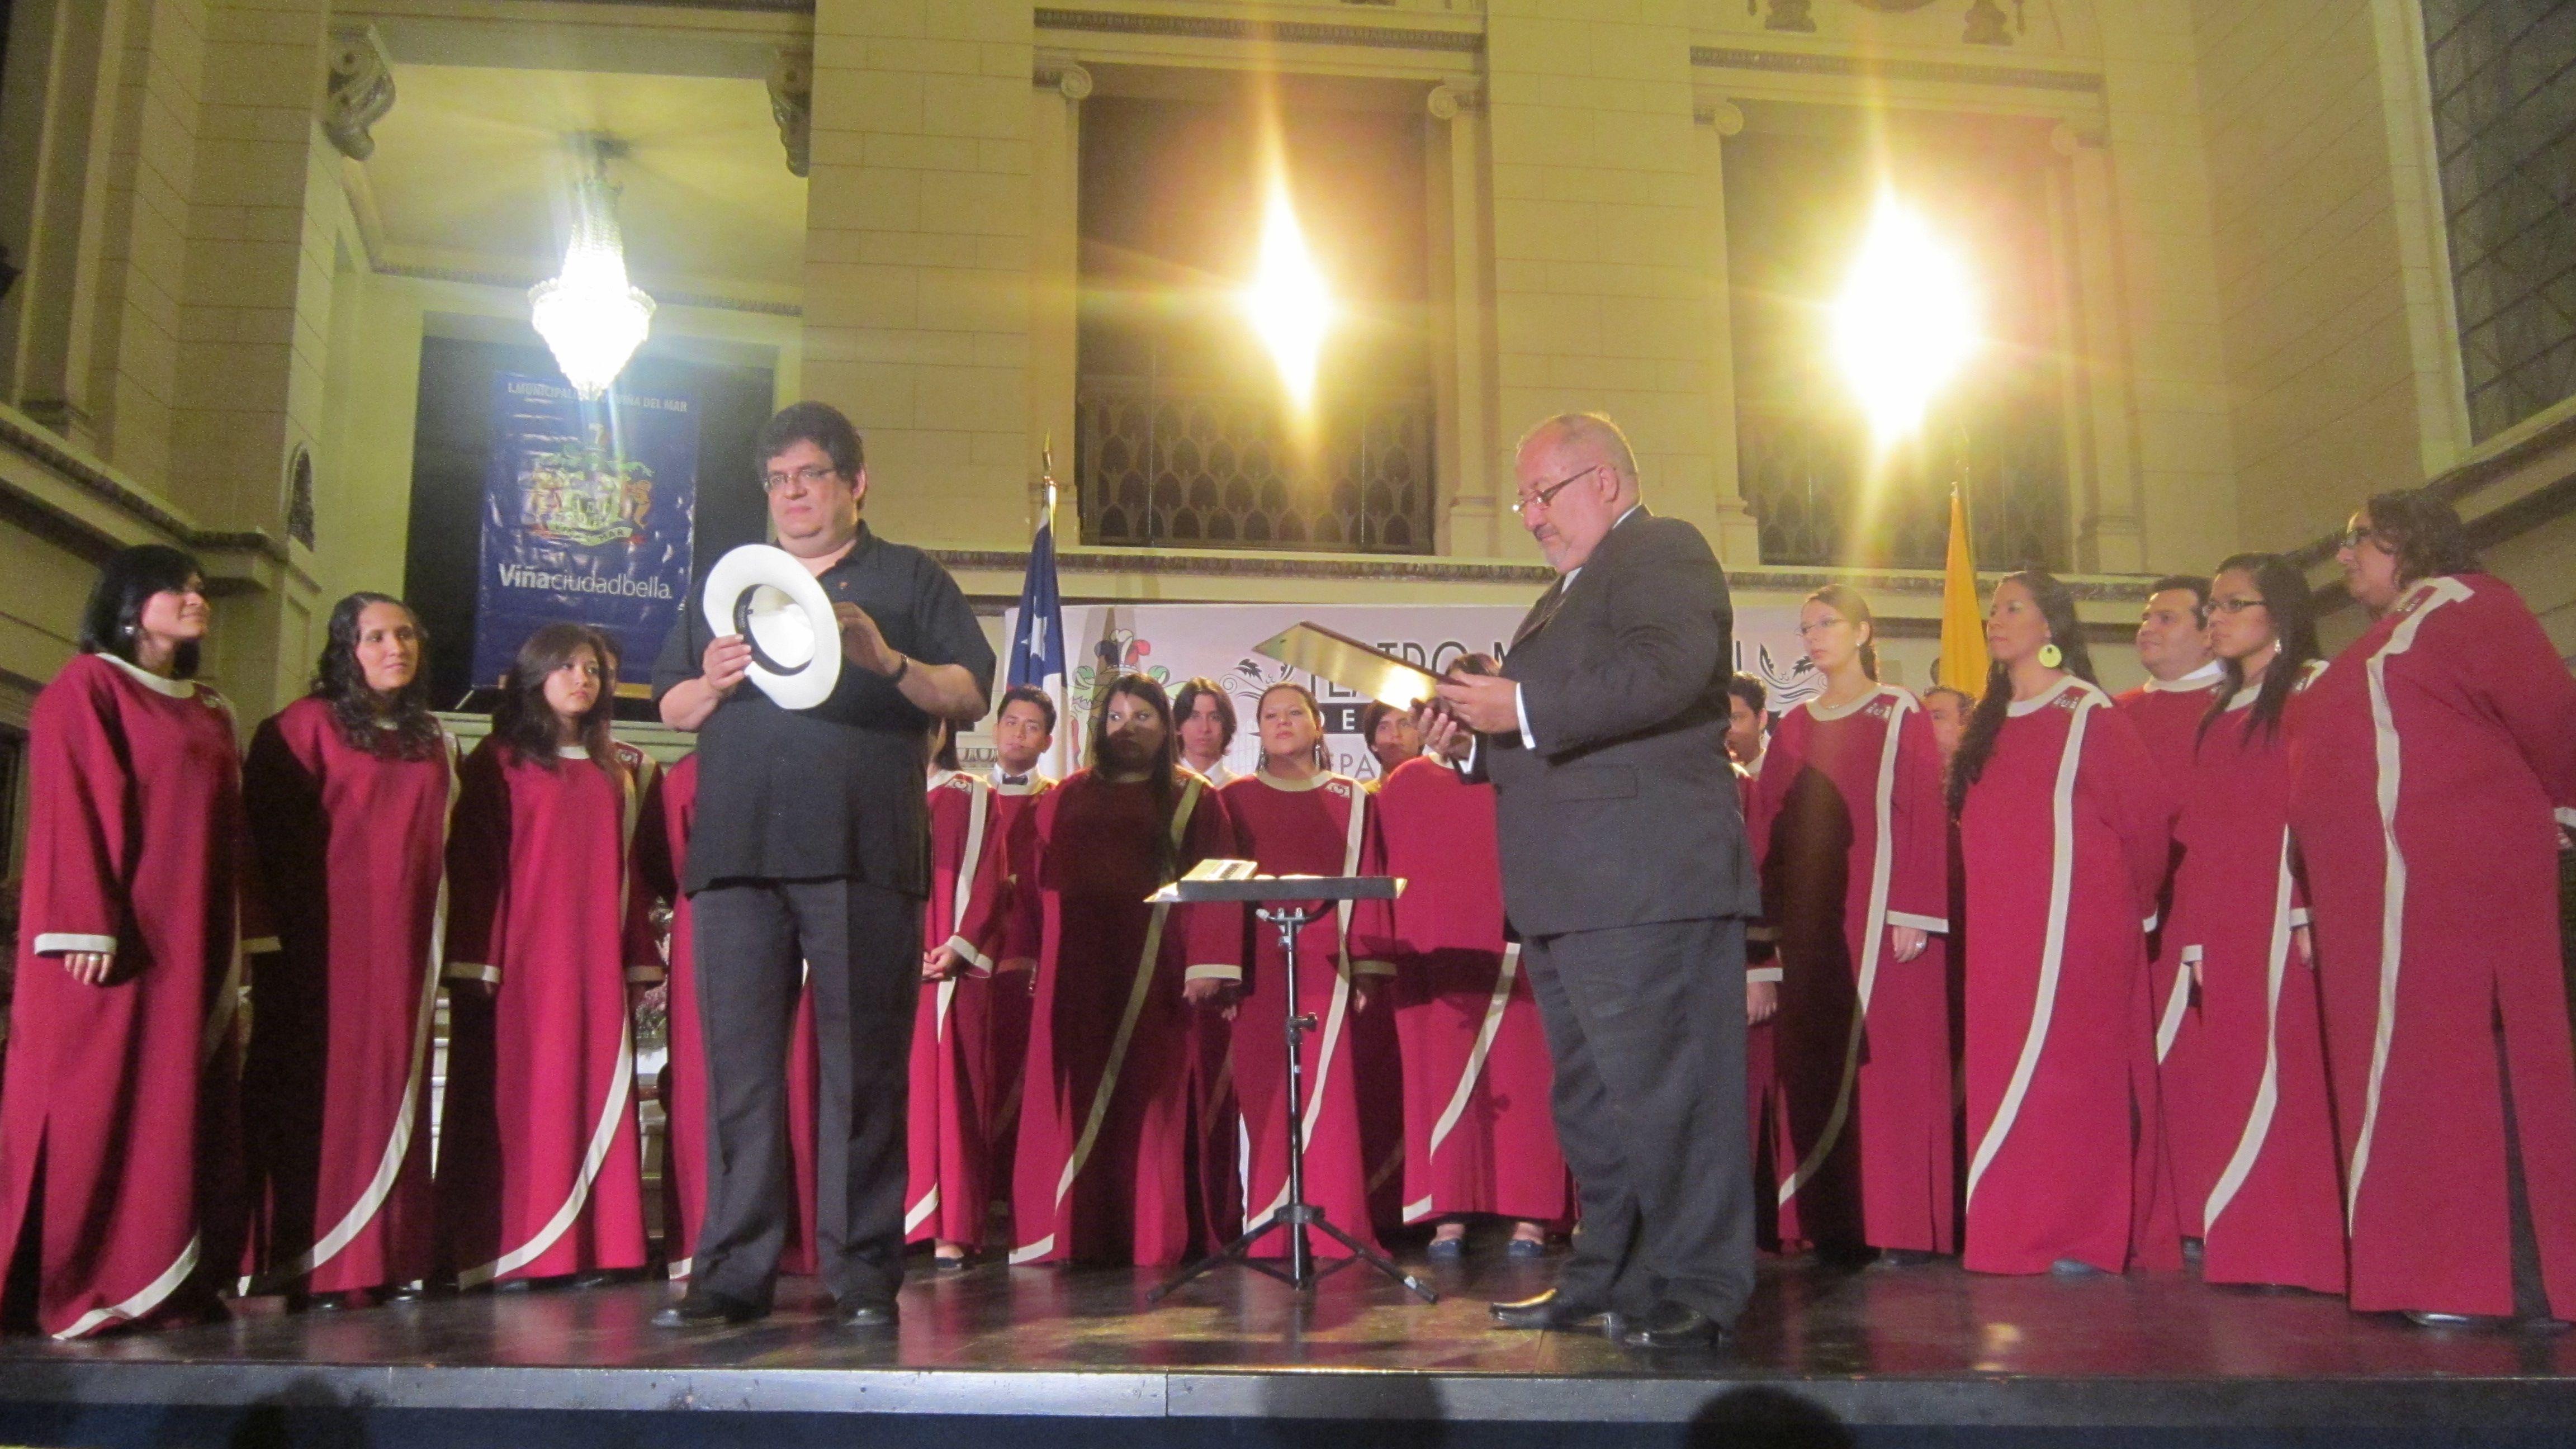 Entrega de obsequios para nuestro querido Arturo Huerta, gracias por hacernos sentir como en casa en Chile.